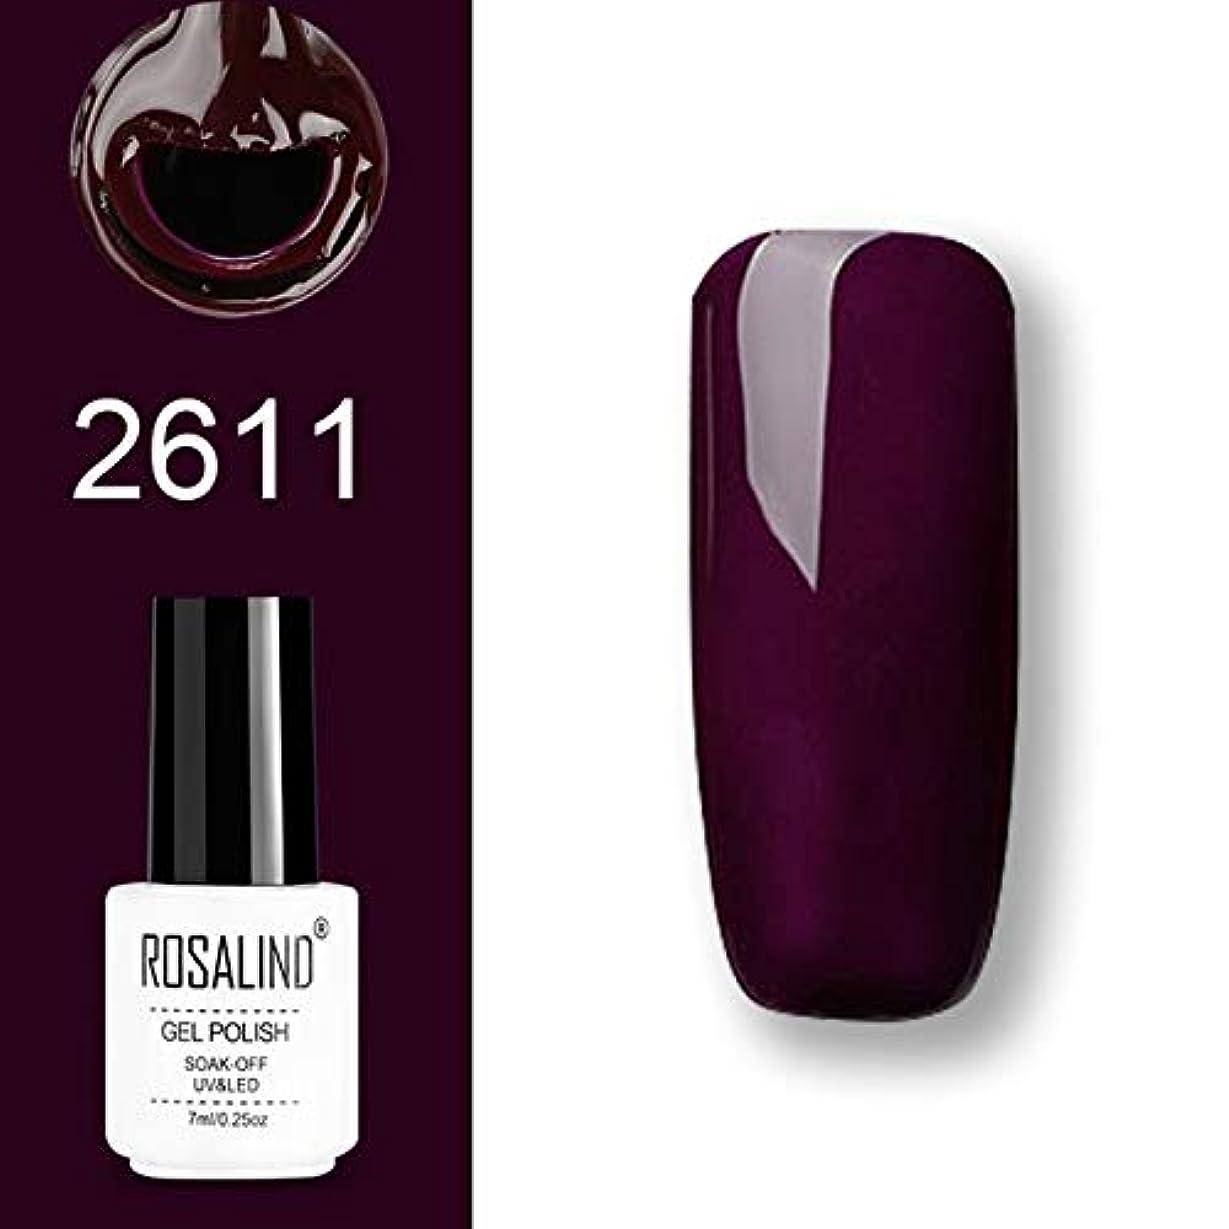 優先右悪行ファッションアイテム ROSALINDジェルポリッシュセットUV半永久プライマートップコートポリジェルニスネイルアートマニキュアジェル、容量:7ml 2611ネイルグルー 環境に優しいマニキュア